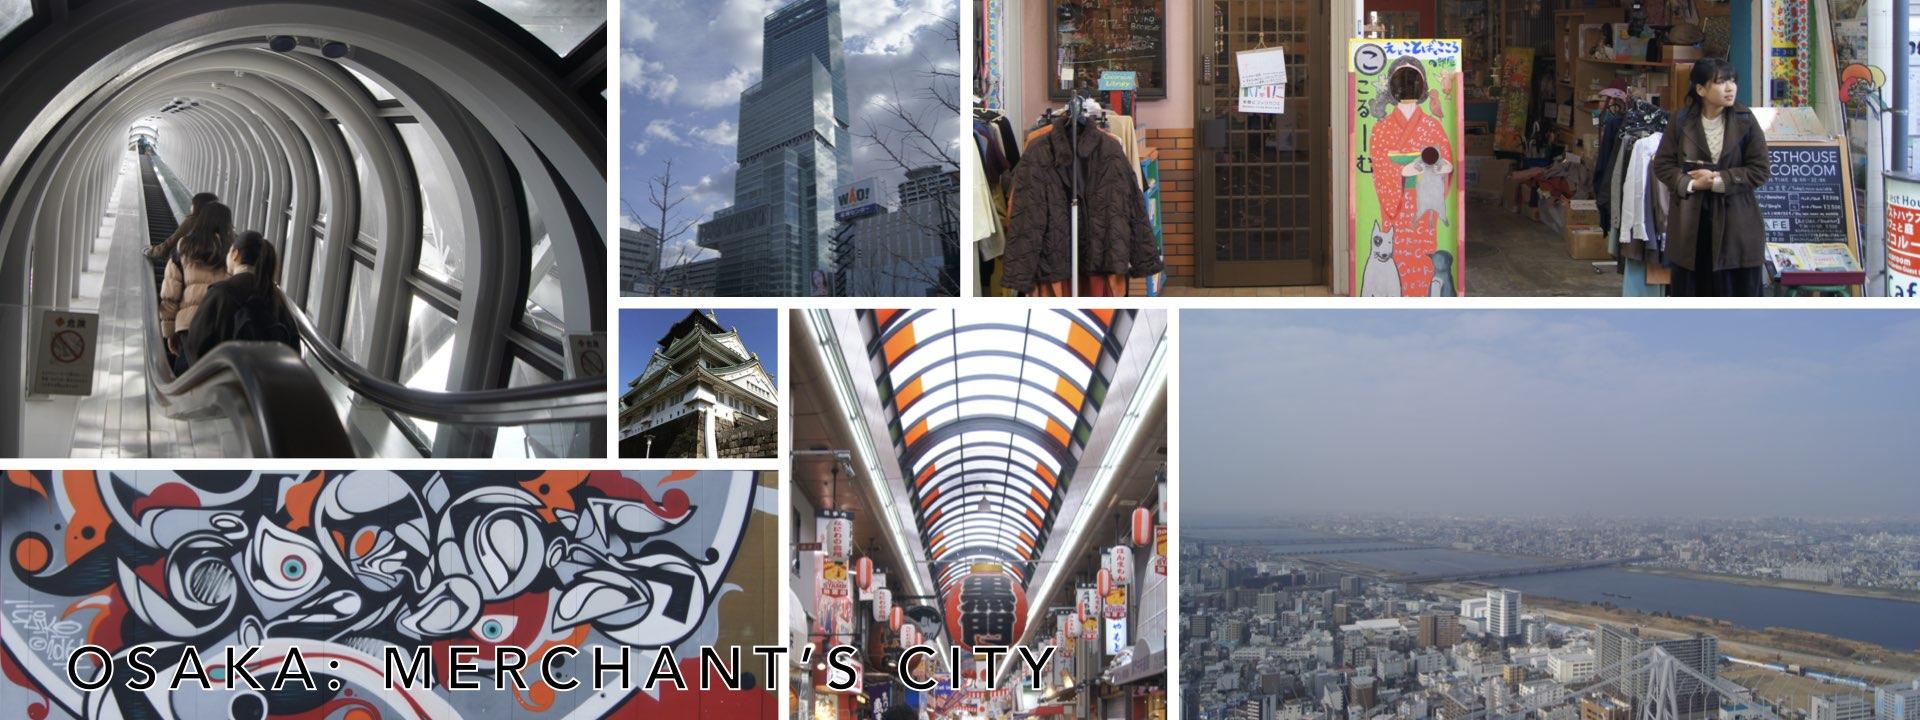 Osaka: Merchant's city